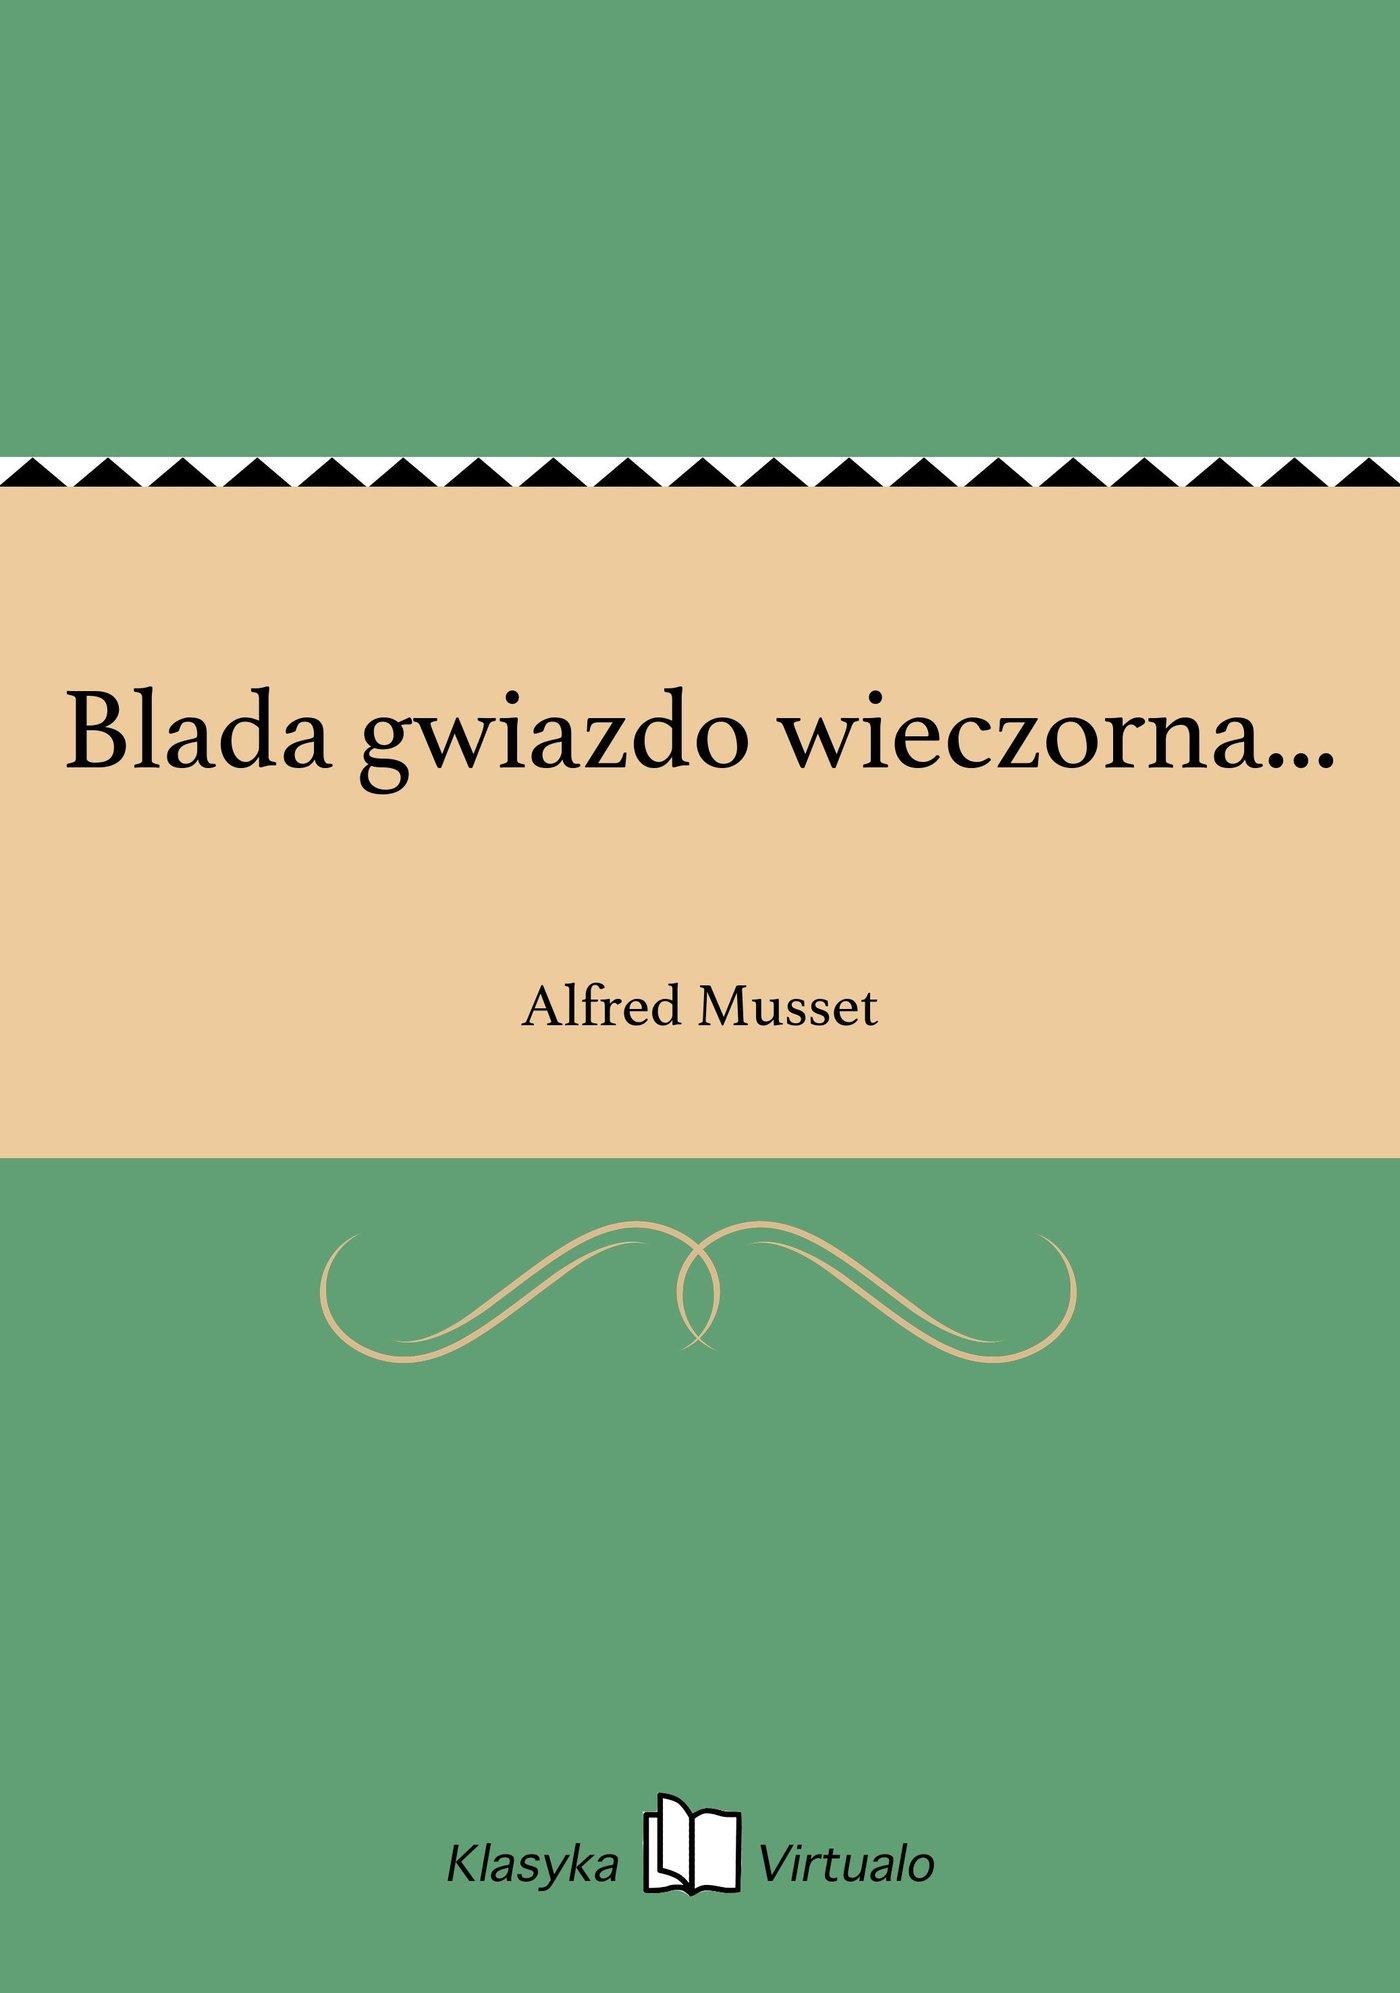 Blada gwiazdo wieczorna... - Ebook (Książka na Kindle) do pobrania w formacie MOBI